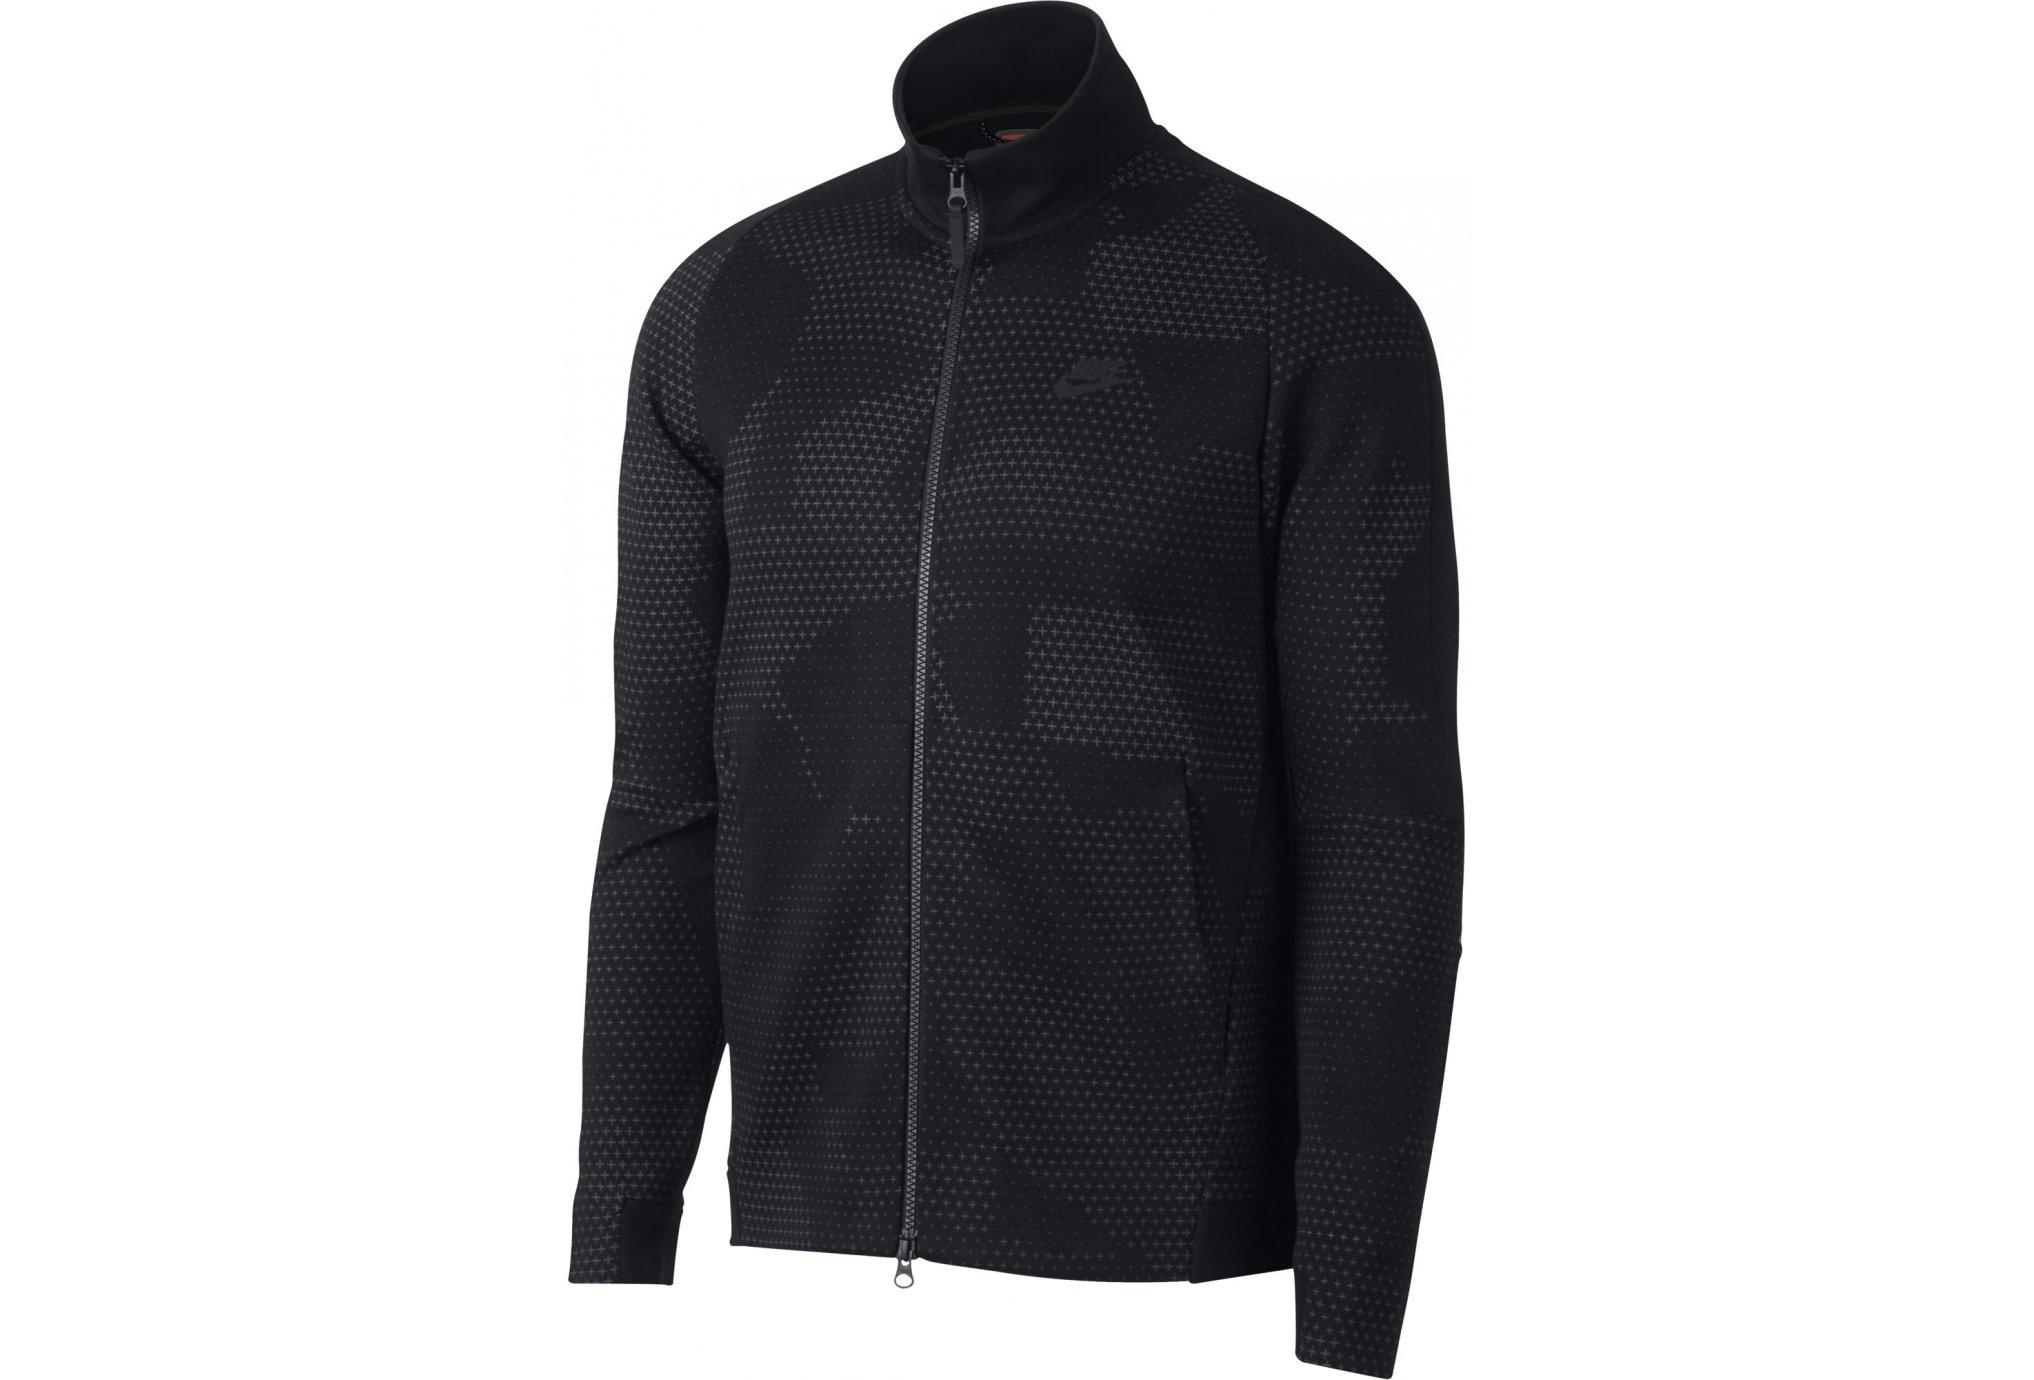 Nike Tech Fleece 1.0 M vêtement running homme